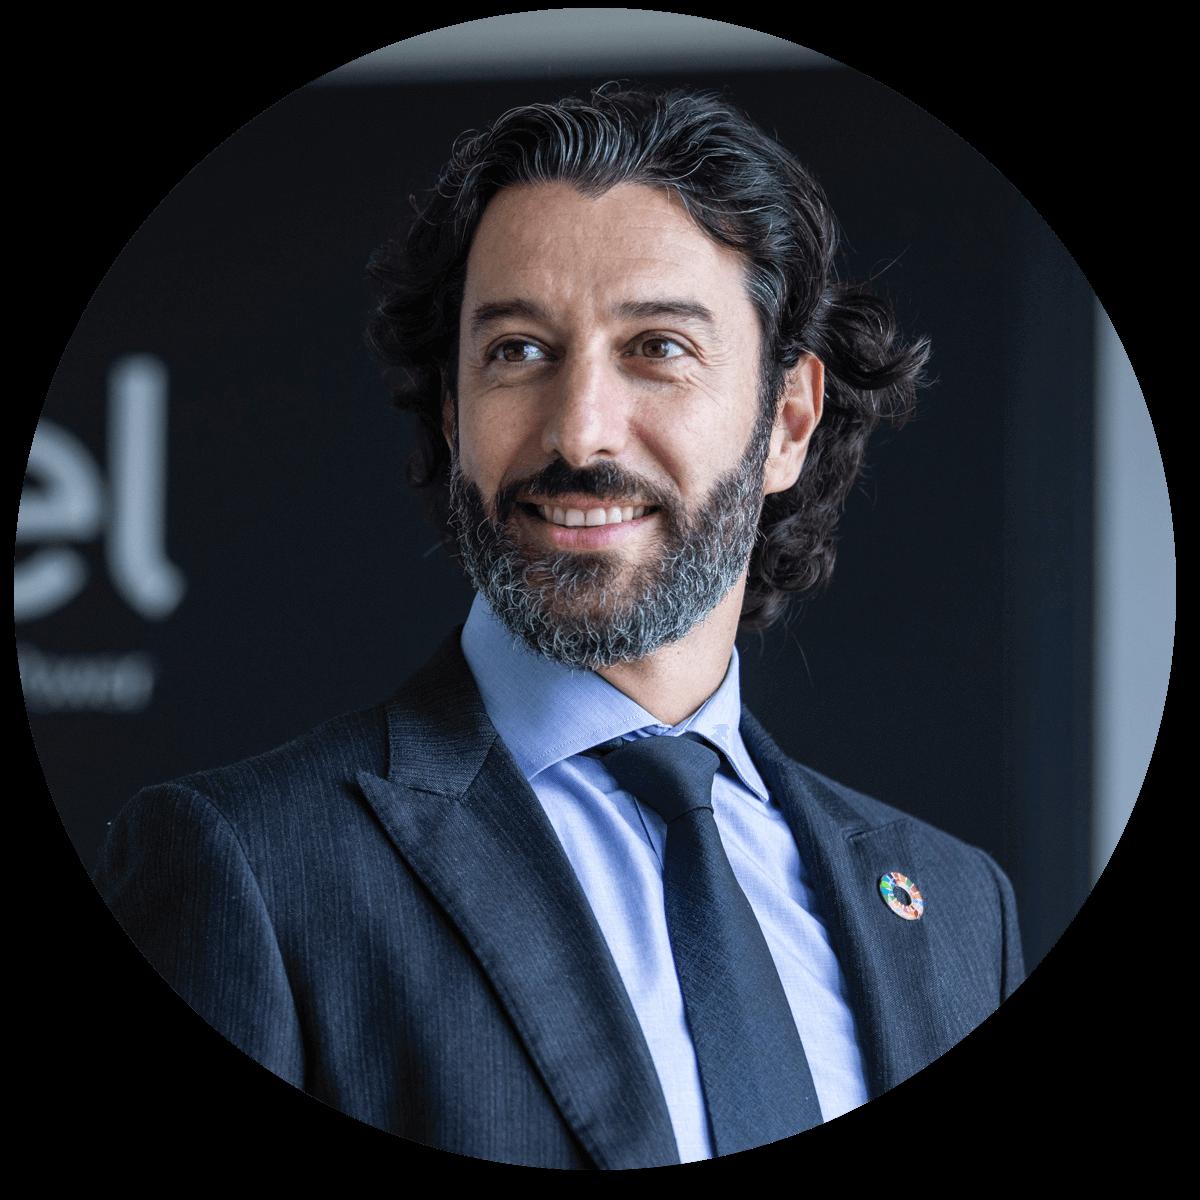 Paolo Romanacci